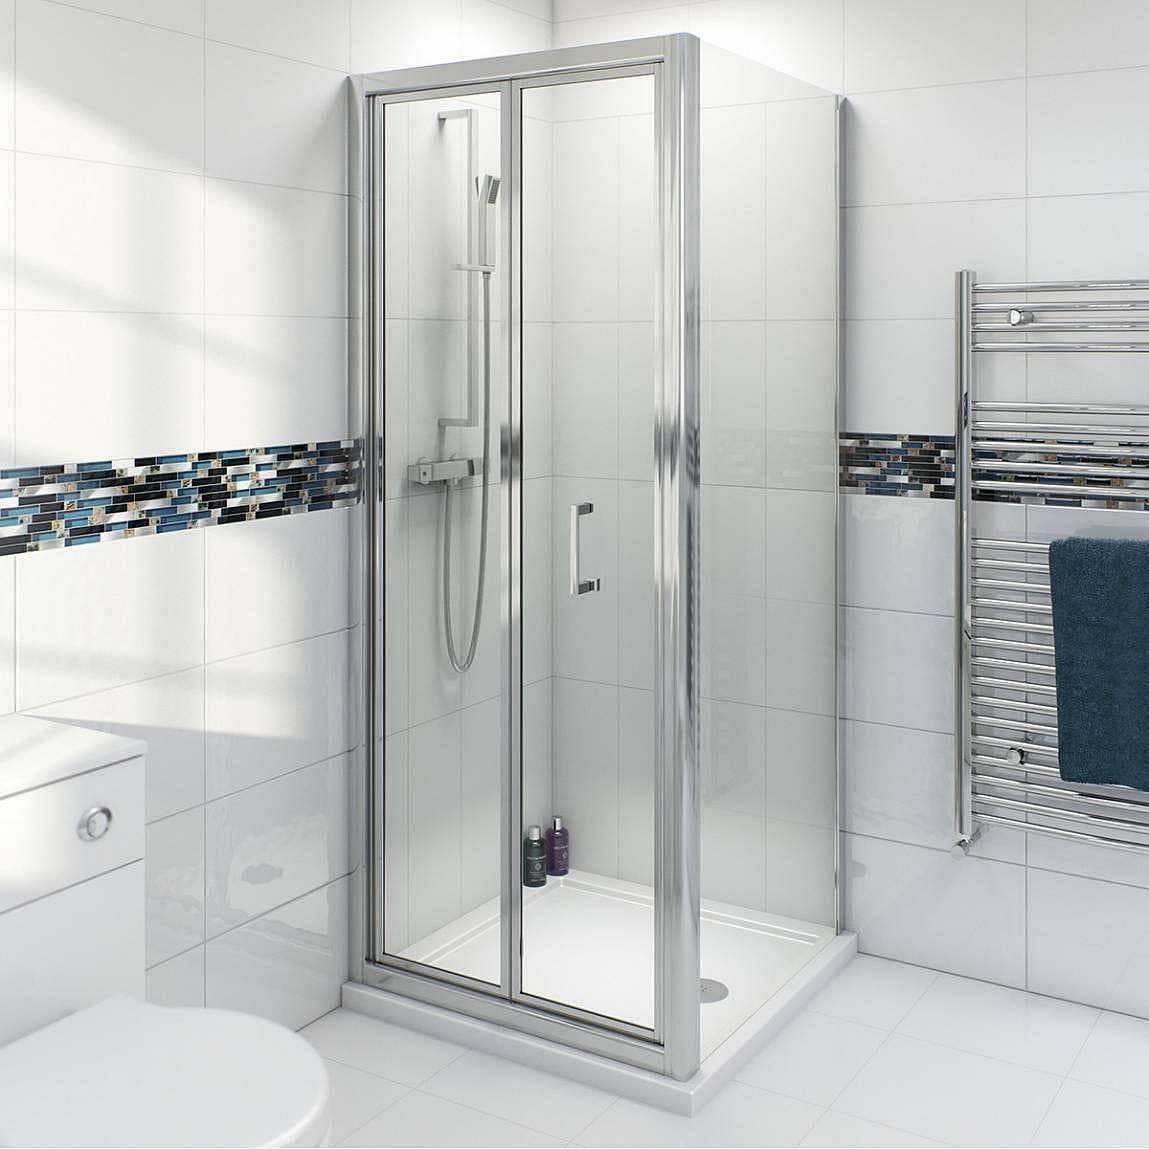 Clarity 4mm bifold door rectangular shower enclosure